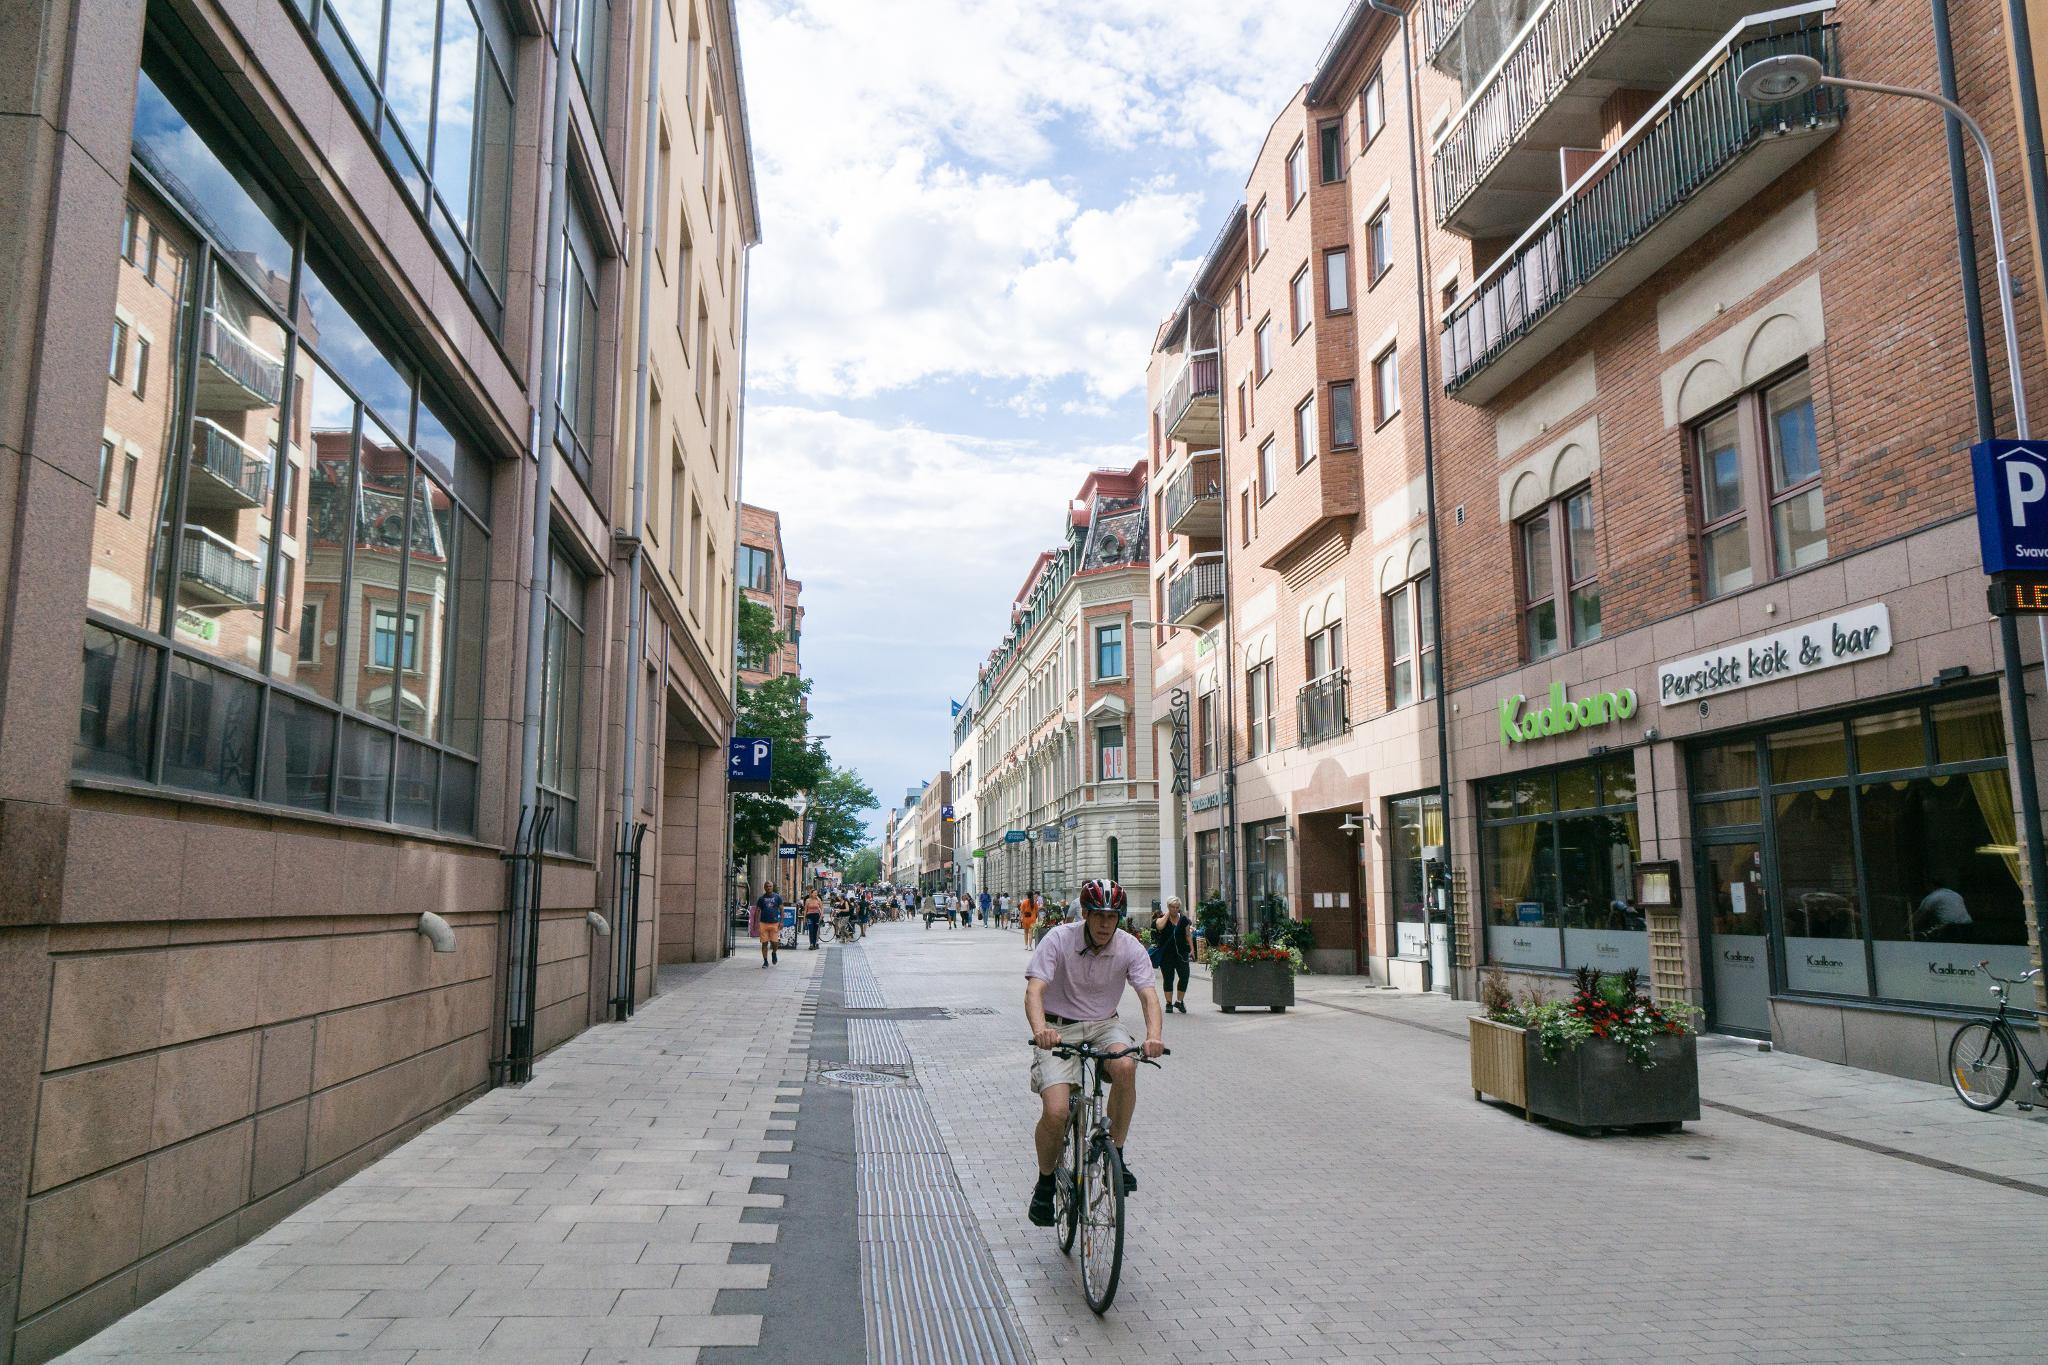 【北歐景點】瑞典的歷史縮影 — 老城烏普薩拉(Uppsala)的人文風景 3